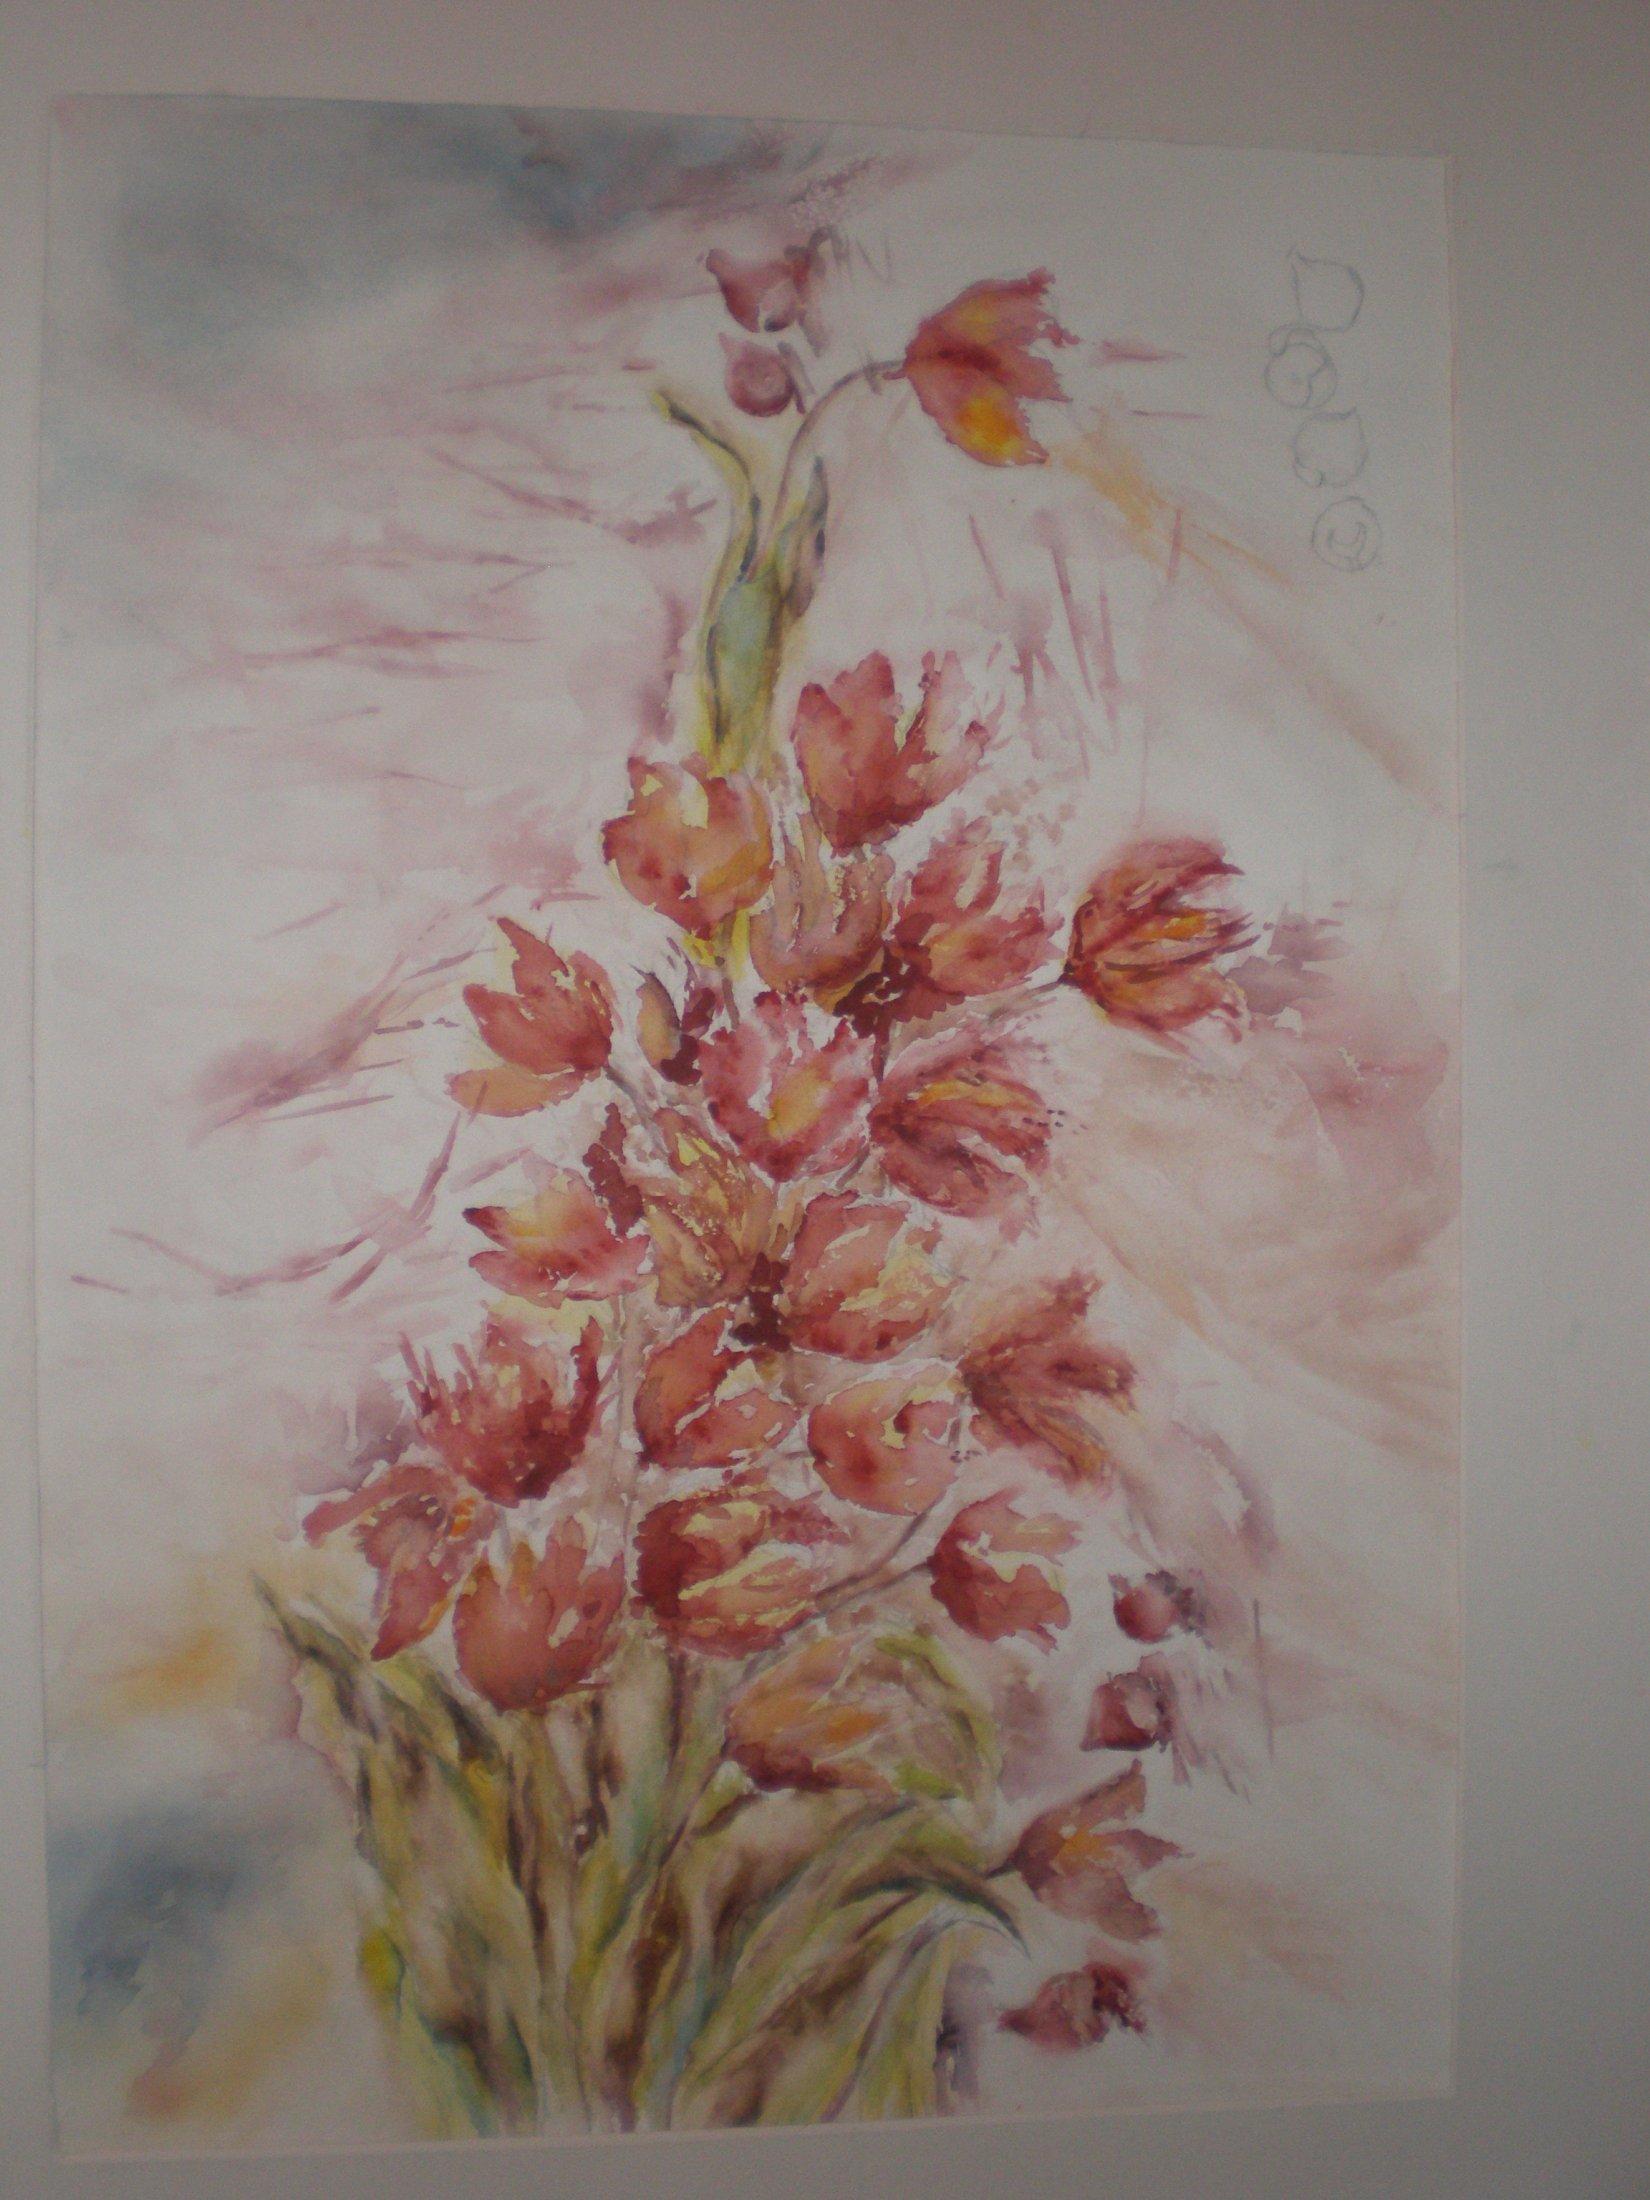 2013 - Brassée de tulipes, passage d'une saison